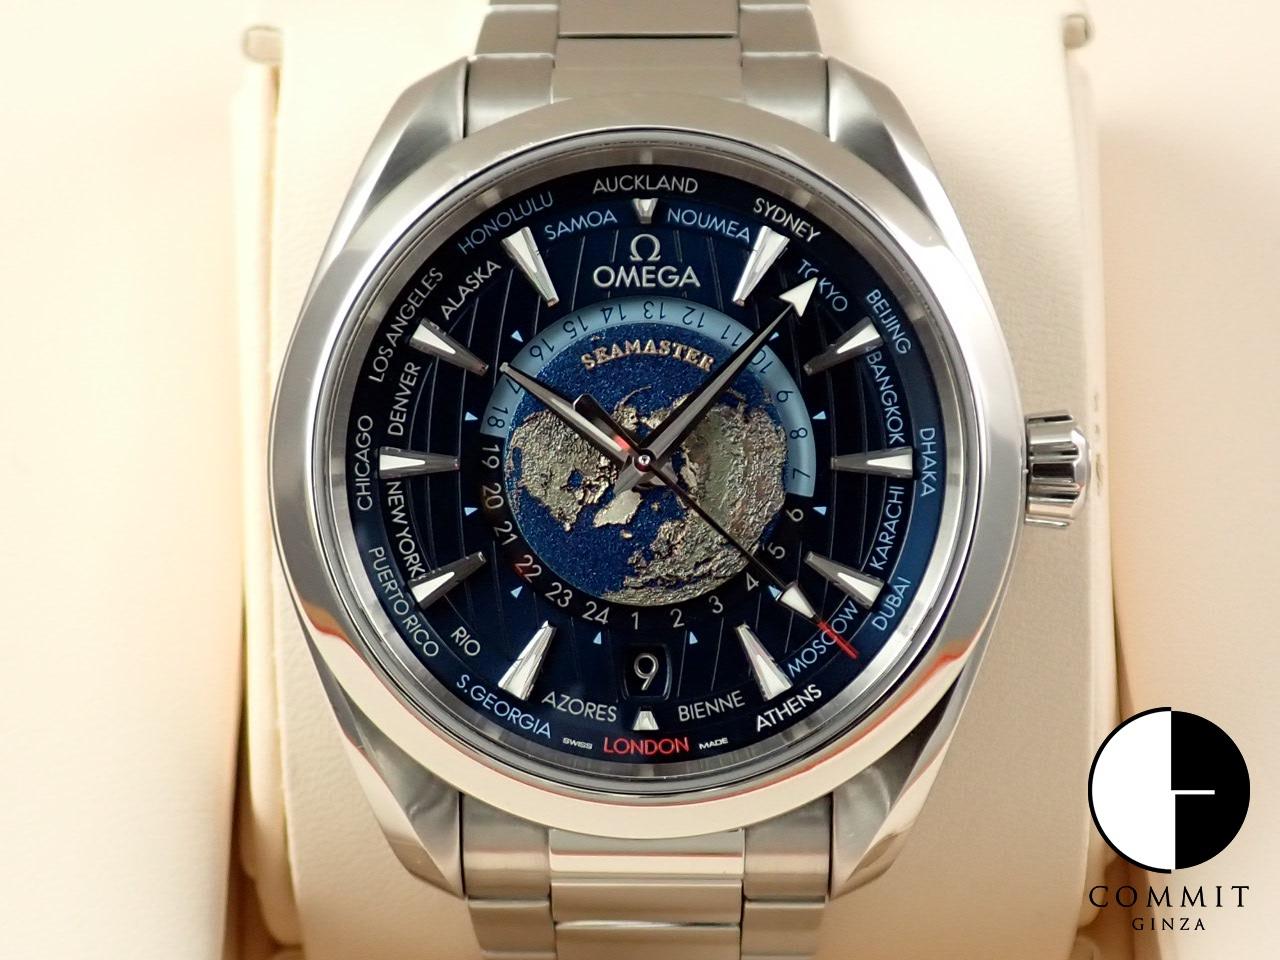 オメガ シーマスター アクアテラ 150M コーアクシャル マスタークロノメーター GMT ワールドタイマー43MM ≪保証書・箱・その他≫